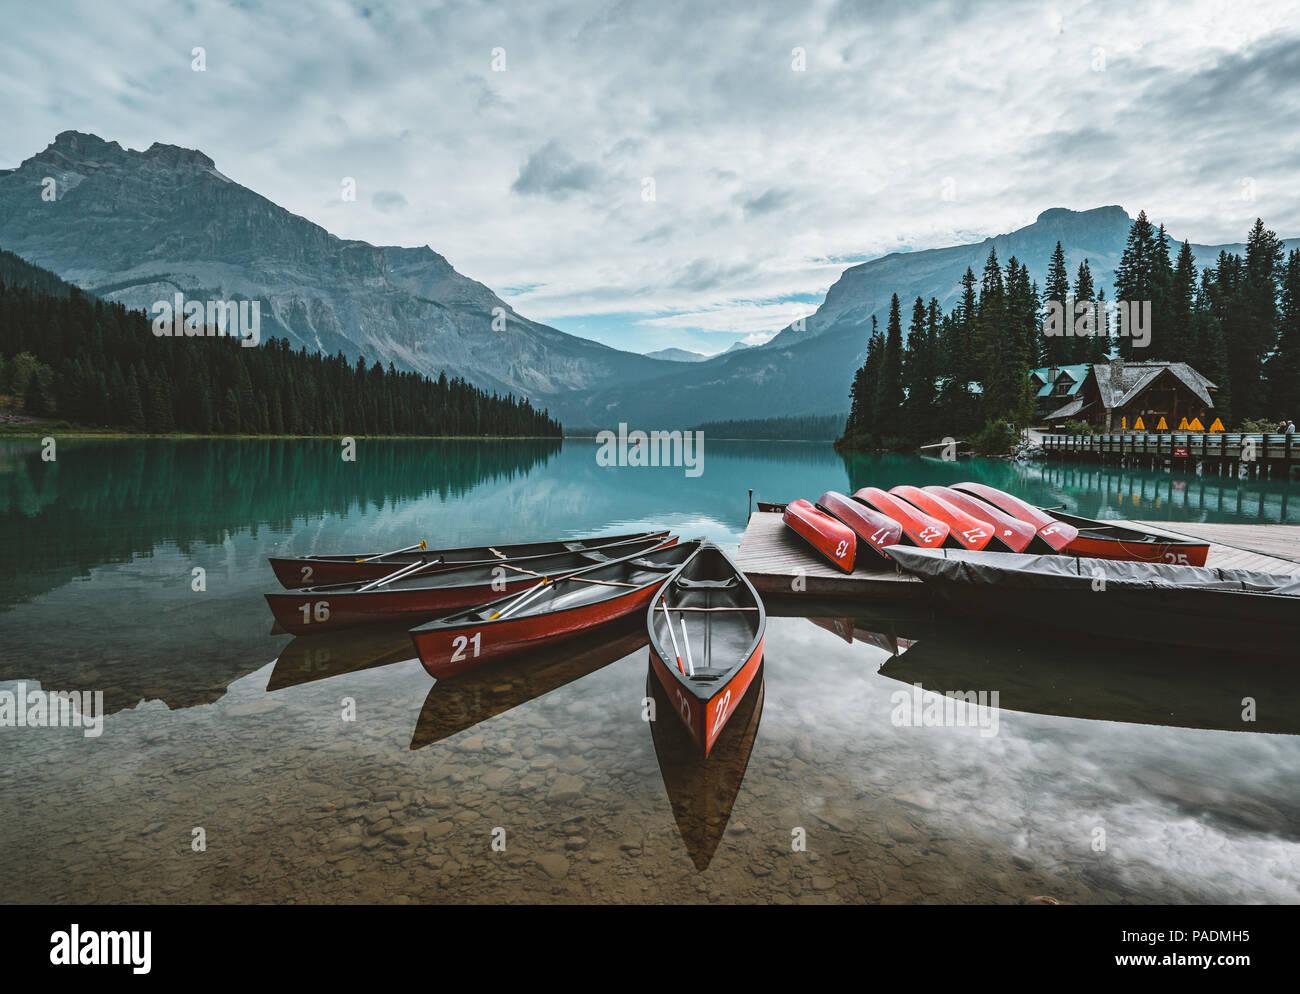 Rosso Secco kayak capovolto. Il Lago di Smeraldo nelle Montagne Rocciose Canadesi con le montagne e gli alberi e refelction. Concetto di vacanza attiva e del turismo Immagini Stock